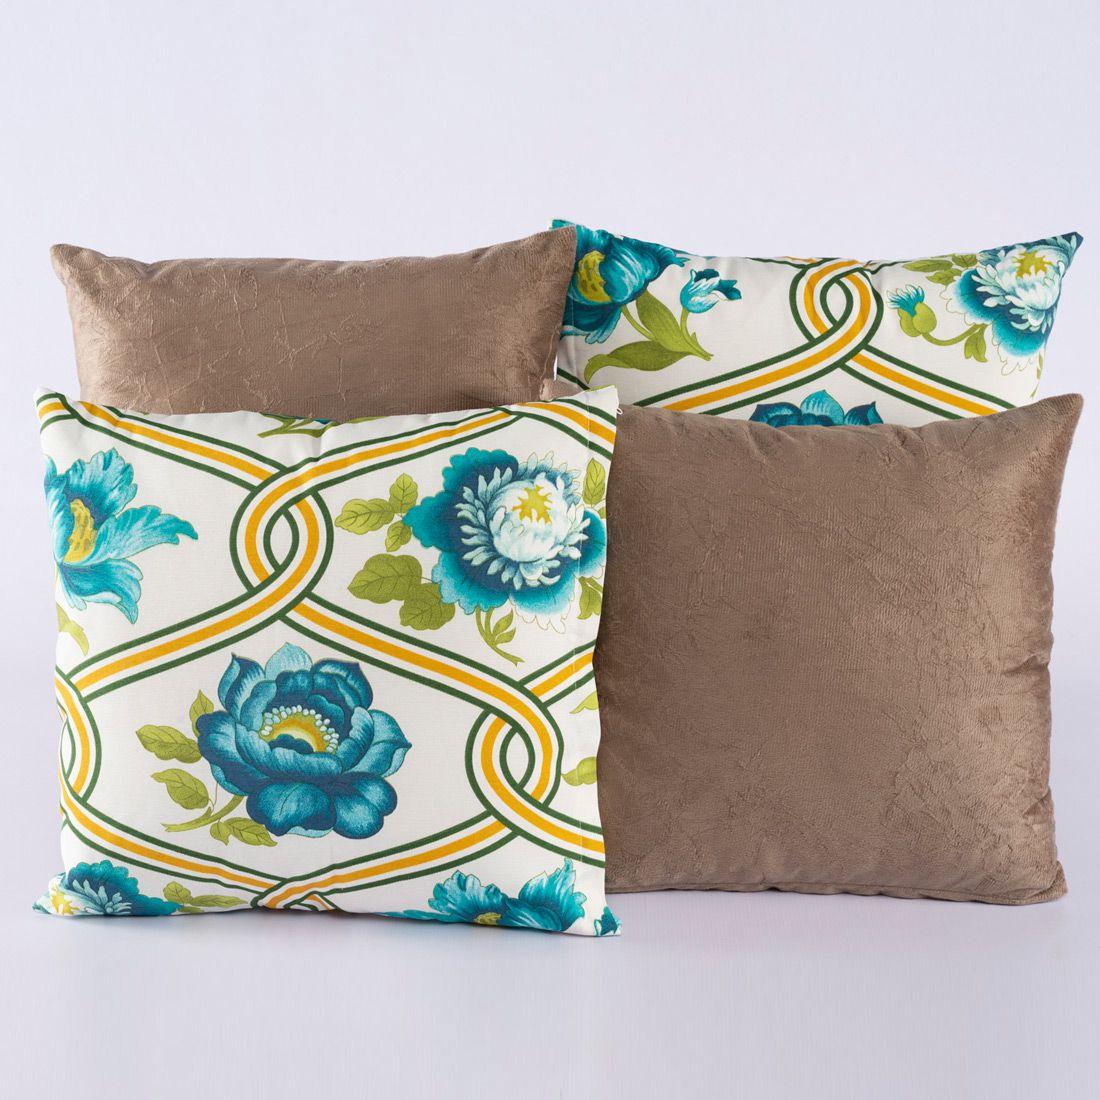 Kit c/ 4 Almofadas Cheias Decorativas Floral Azul/Caqui